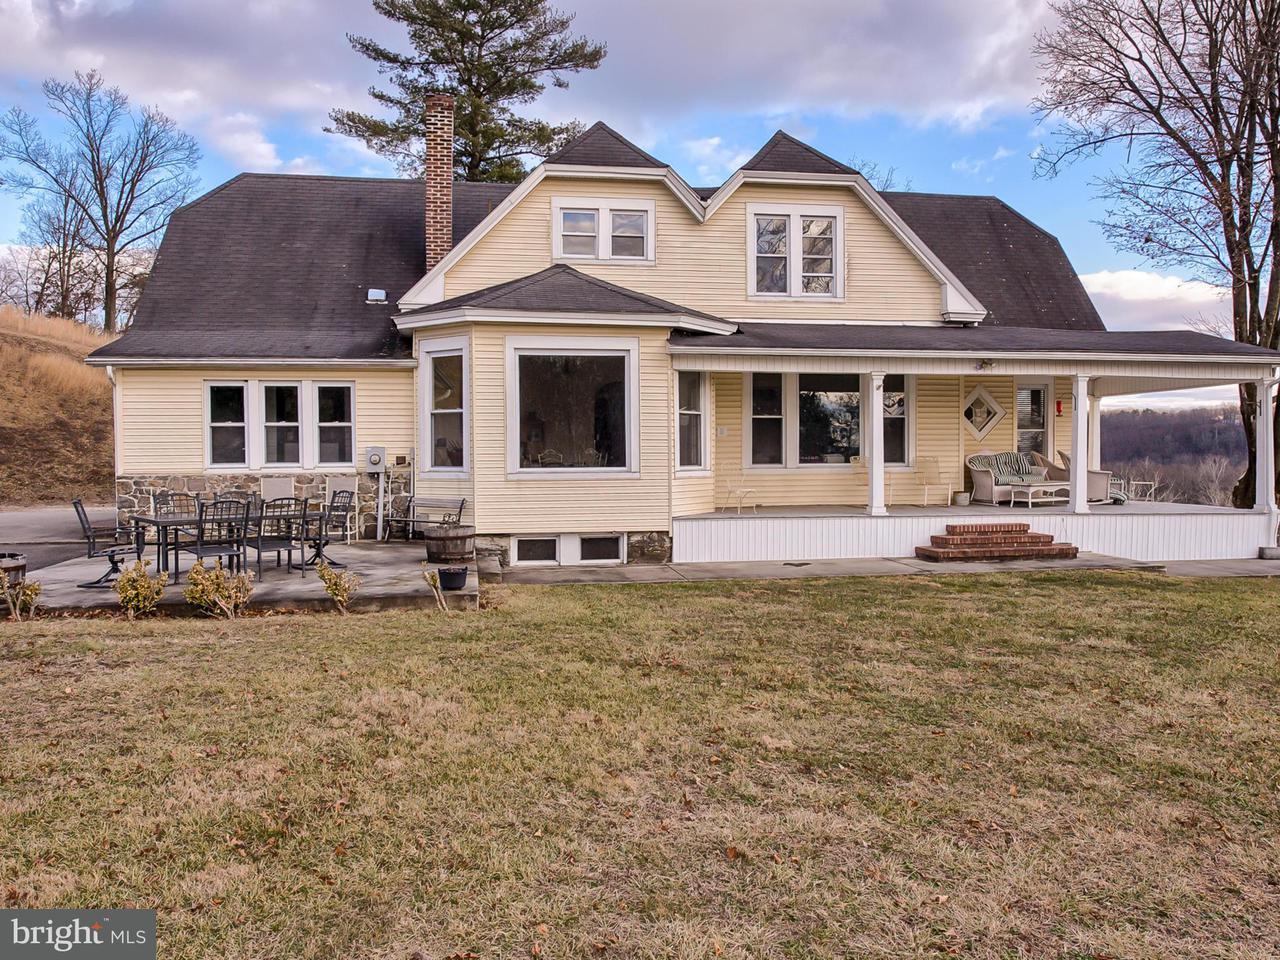 Maison unifamiliale pour l Vente à 184 E Main St E 184 E Main St E Hancock, Maryland 21750 États-Unis